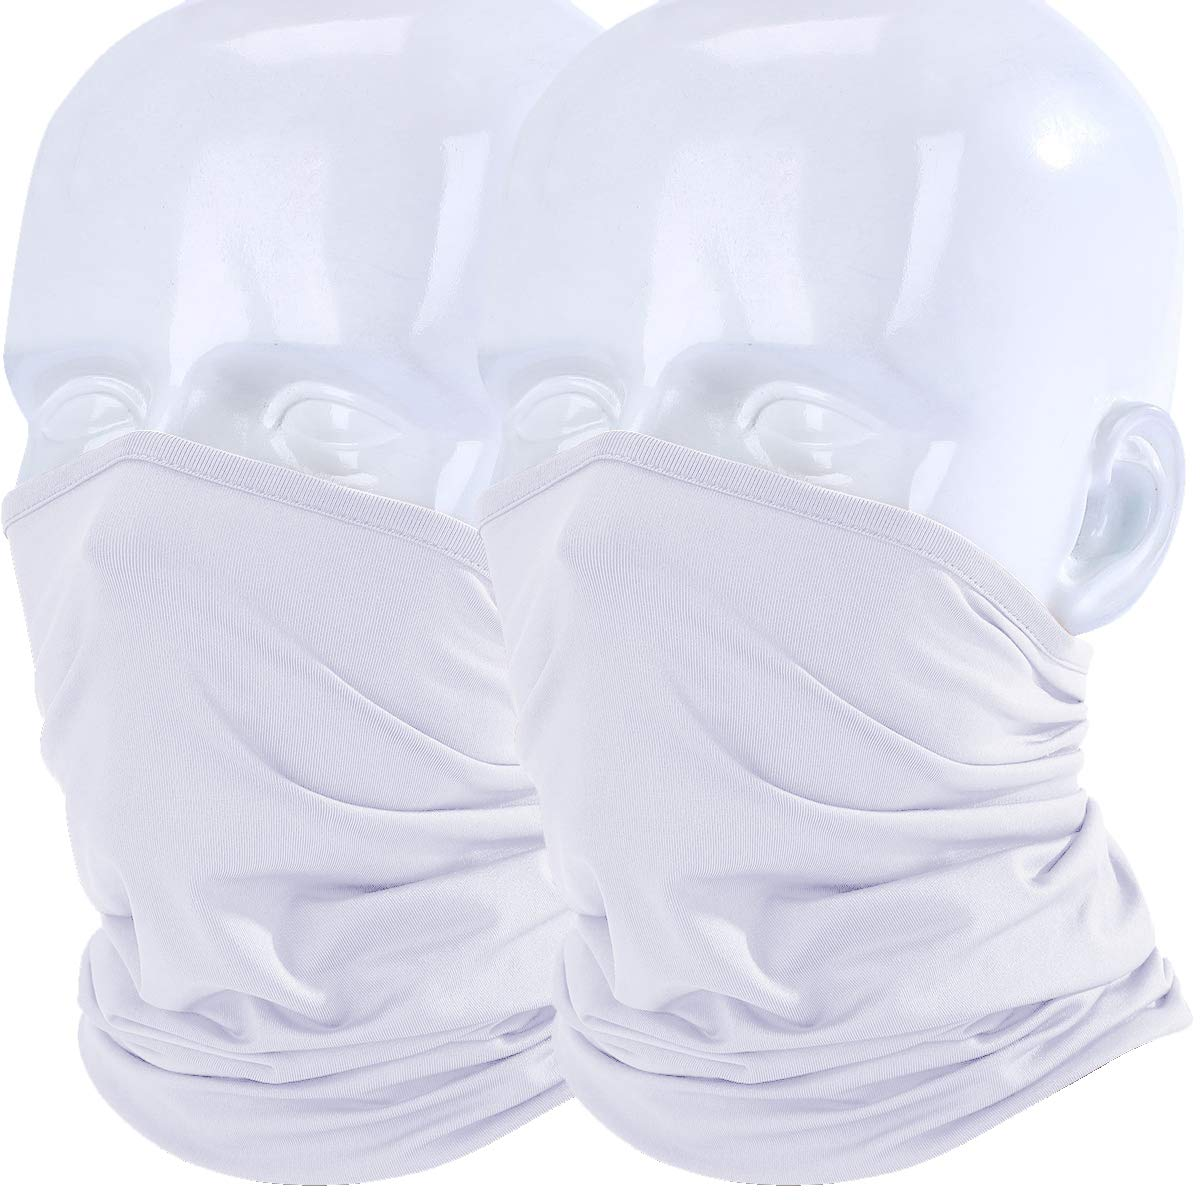 WTACTFUL - Copricollo/maschera leggero anti-vento/sole/raggi UV, protezione per sport estivi all' aperto protezione per sport estivi all' aperto UK-AX-C-06-2PCS